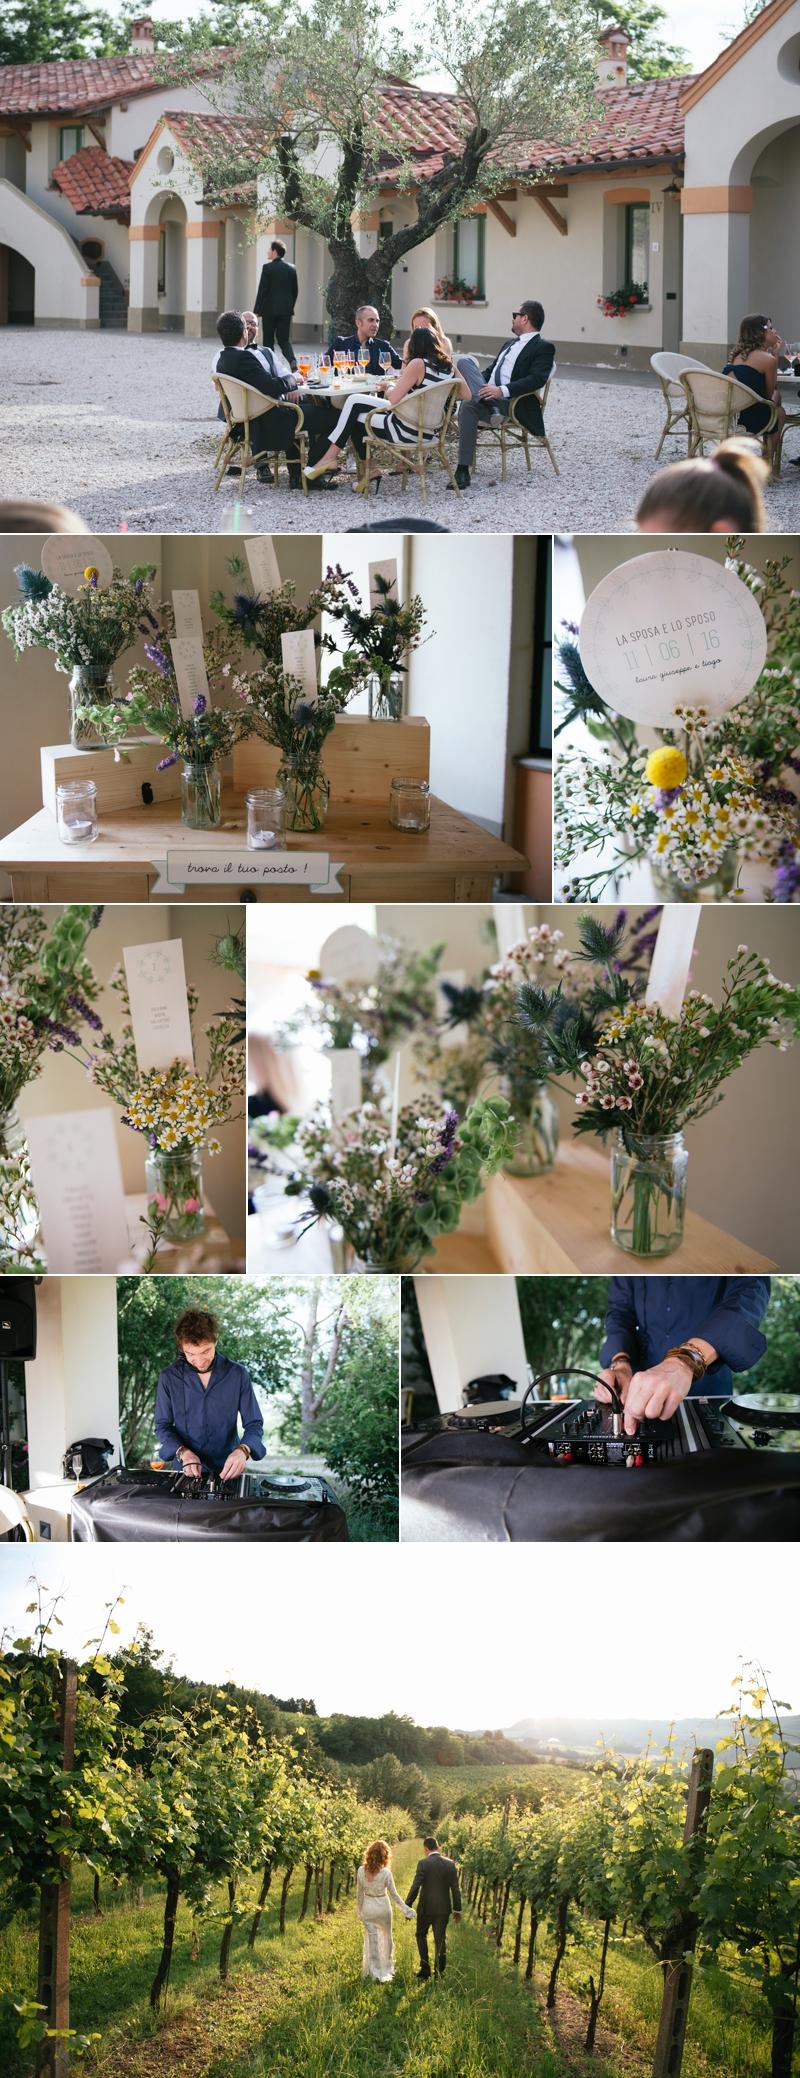 fotografo-matrimonio-chiesa-san-rocco-borghetto-di-brola-modigliana-forli-cesena-bologna-valentina-cavallini 8